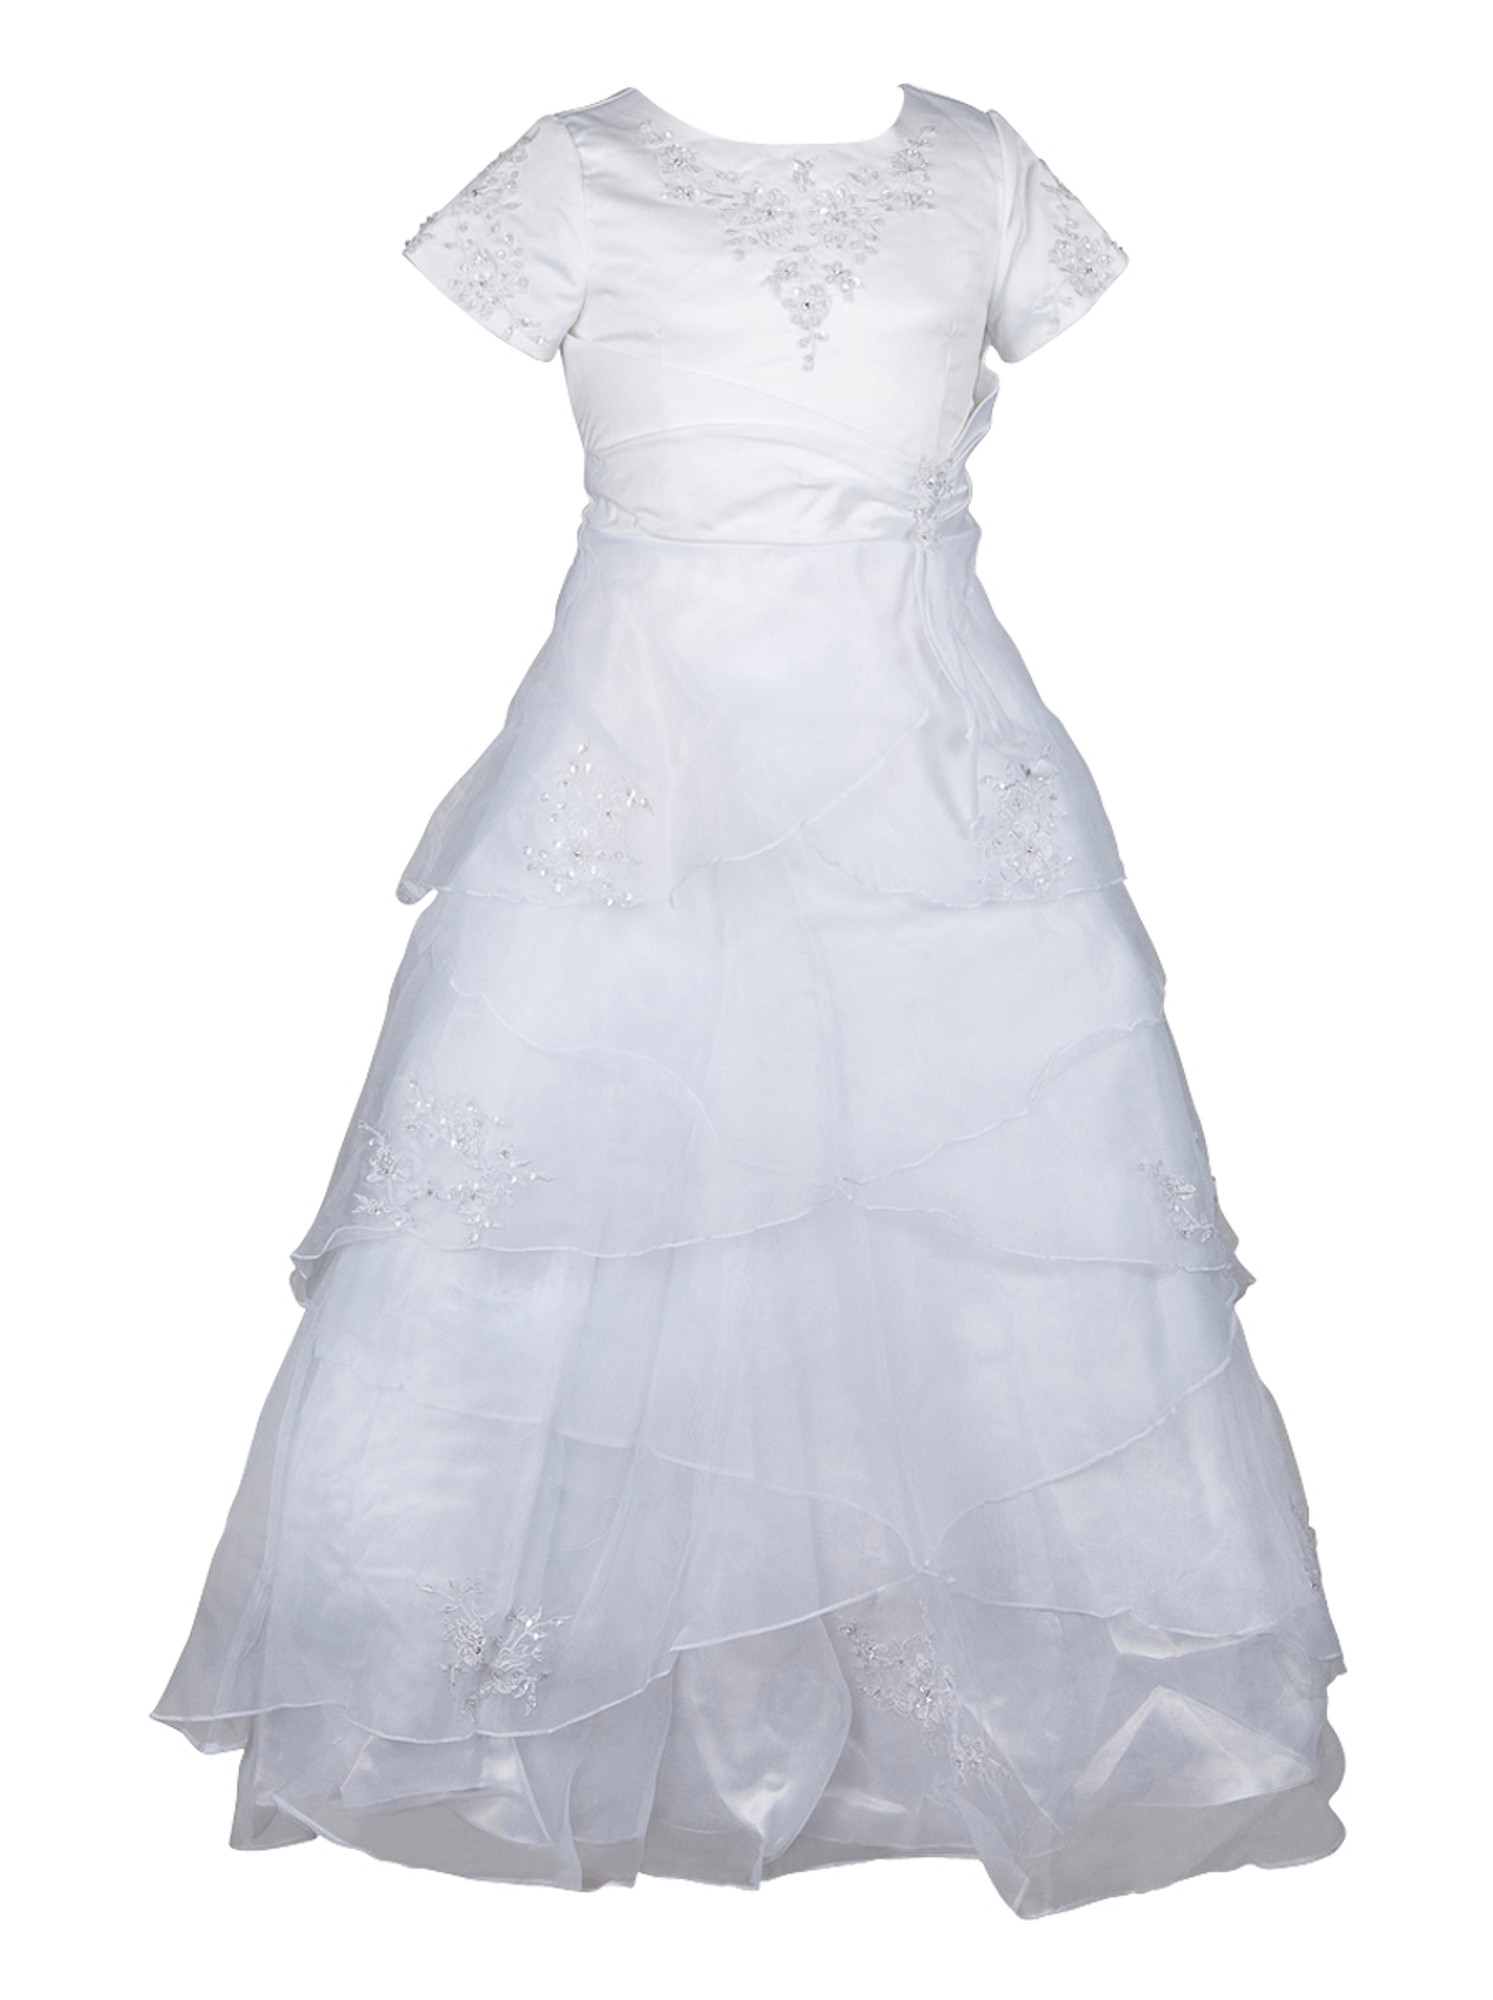 BIMARO Mädchen Kleid Stella Kommunionkleid weiß lang kurzarm Lagenrock Satin und Organza Glitzerperlen Kommunion